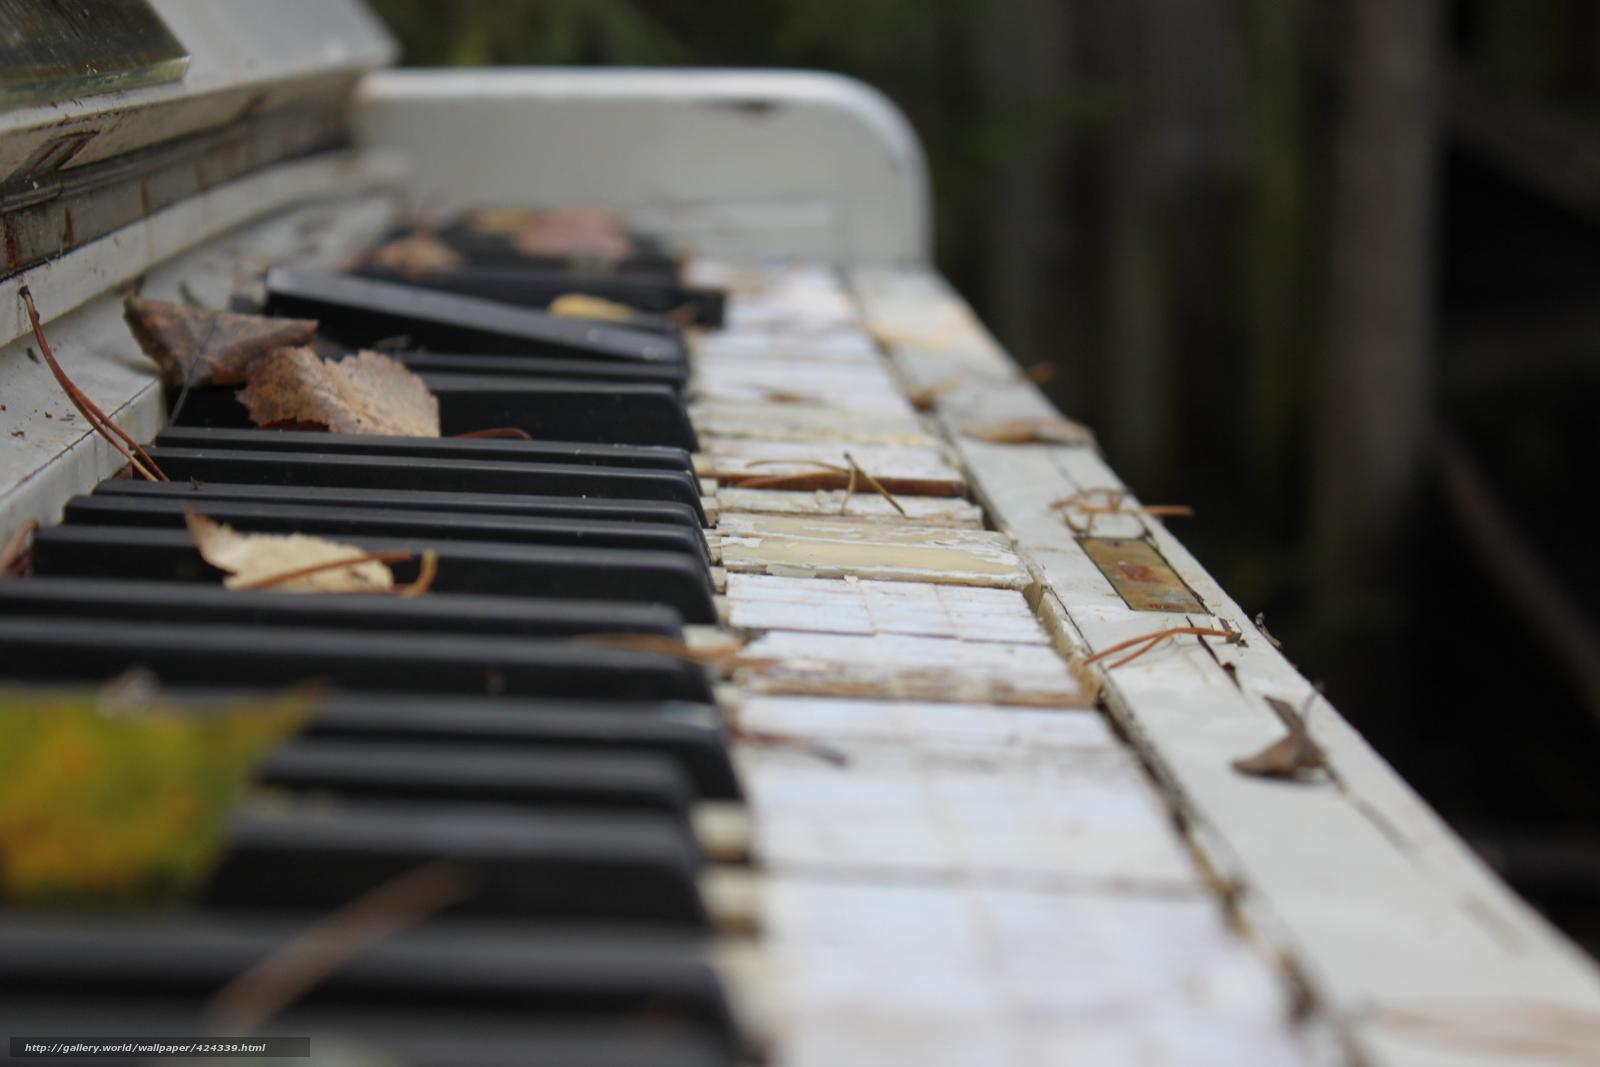 枯葉とピアノ。